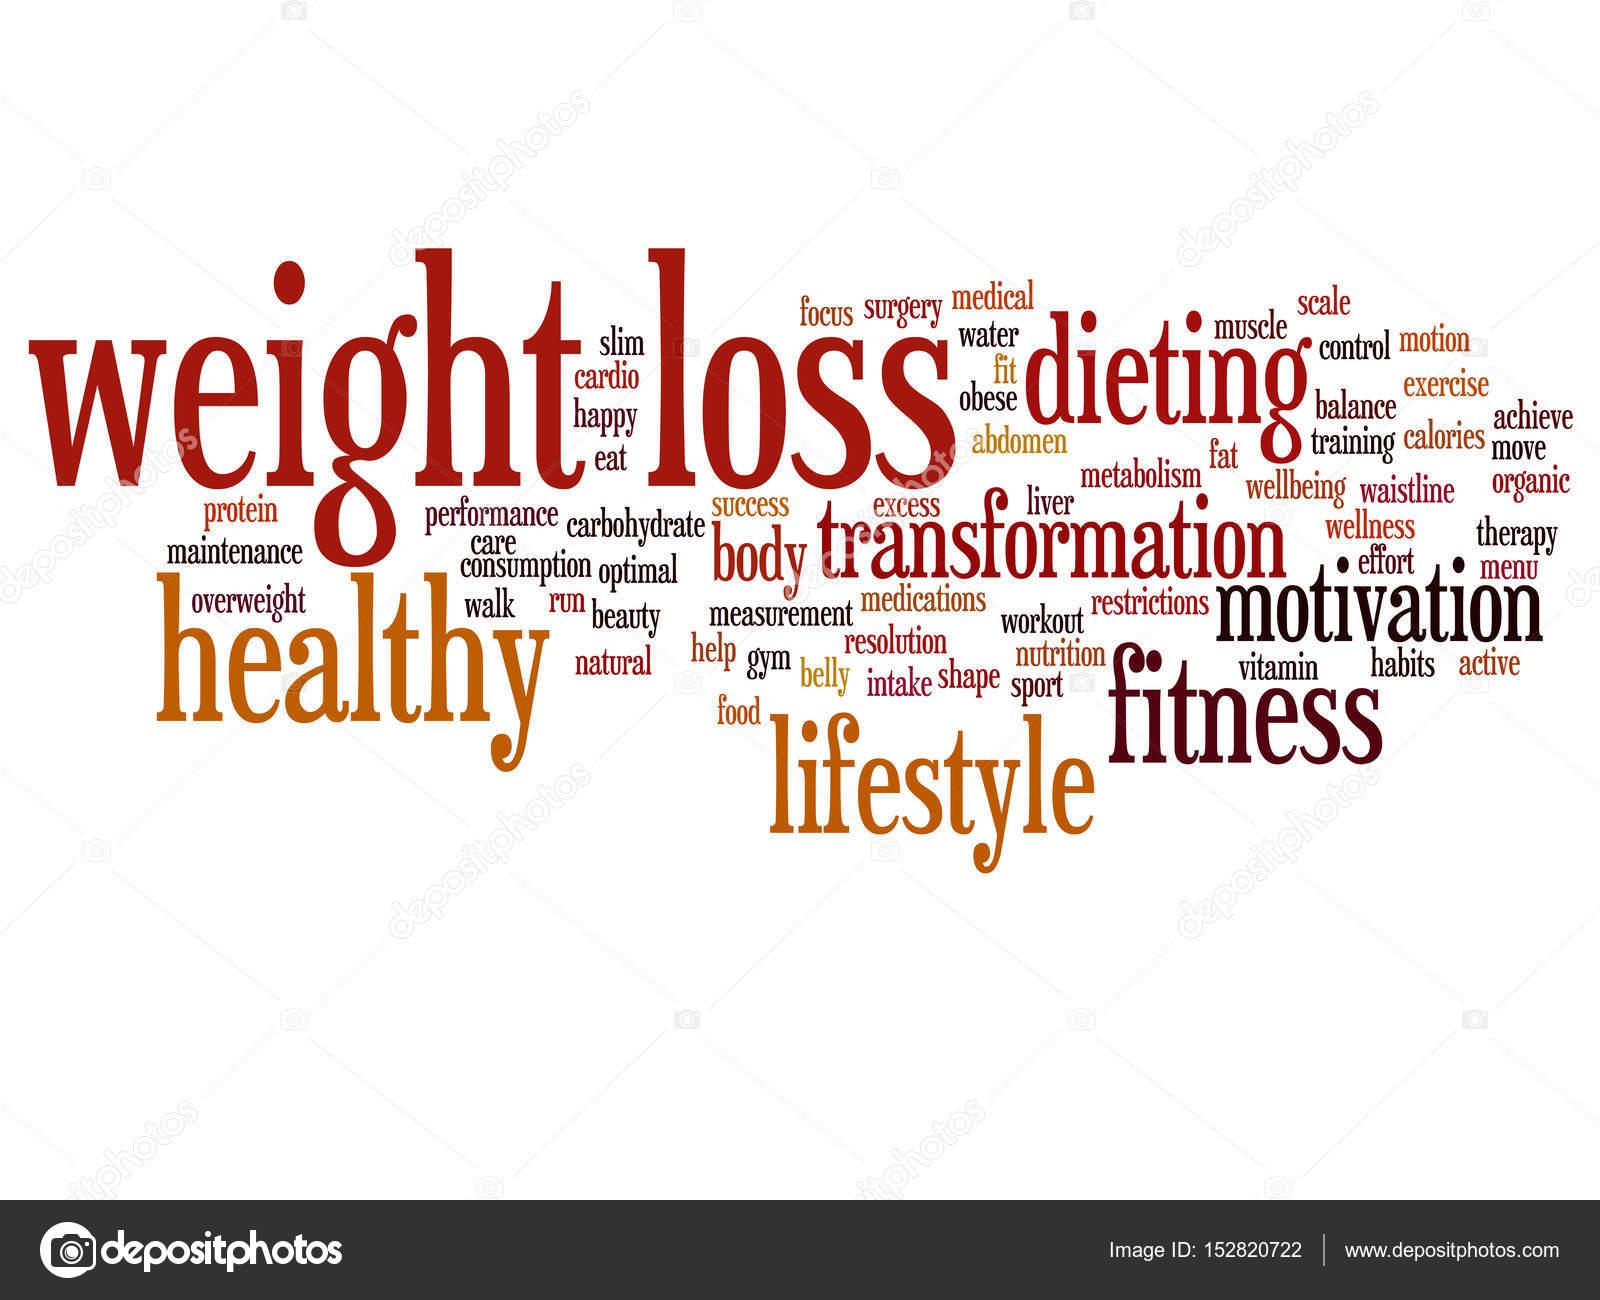 4 month wedding diet plan image 6